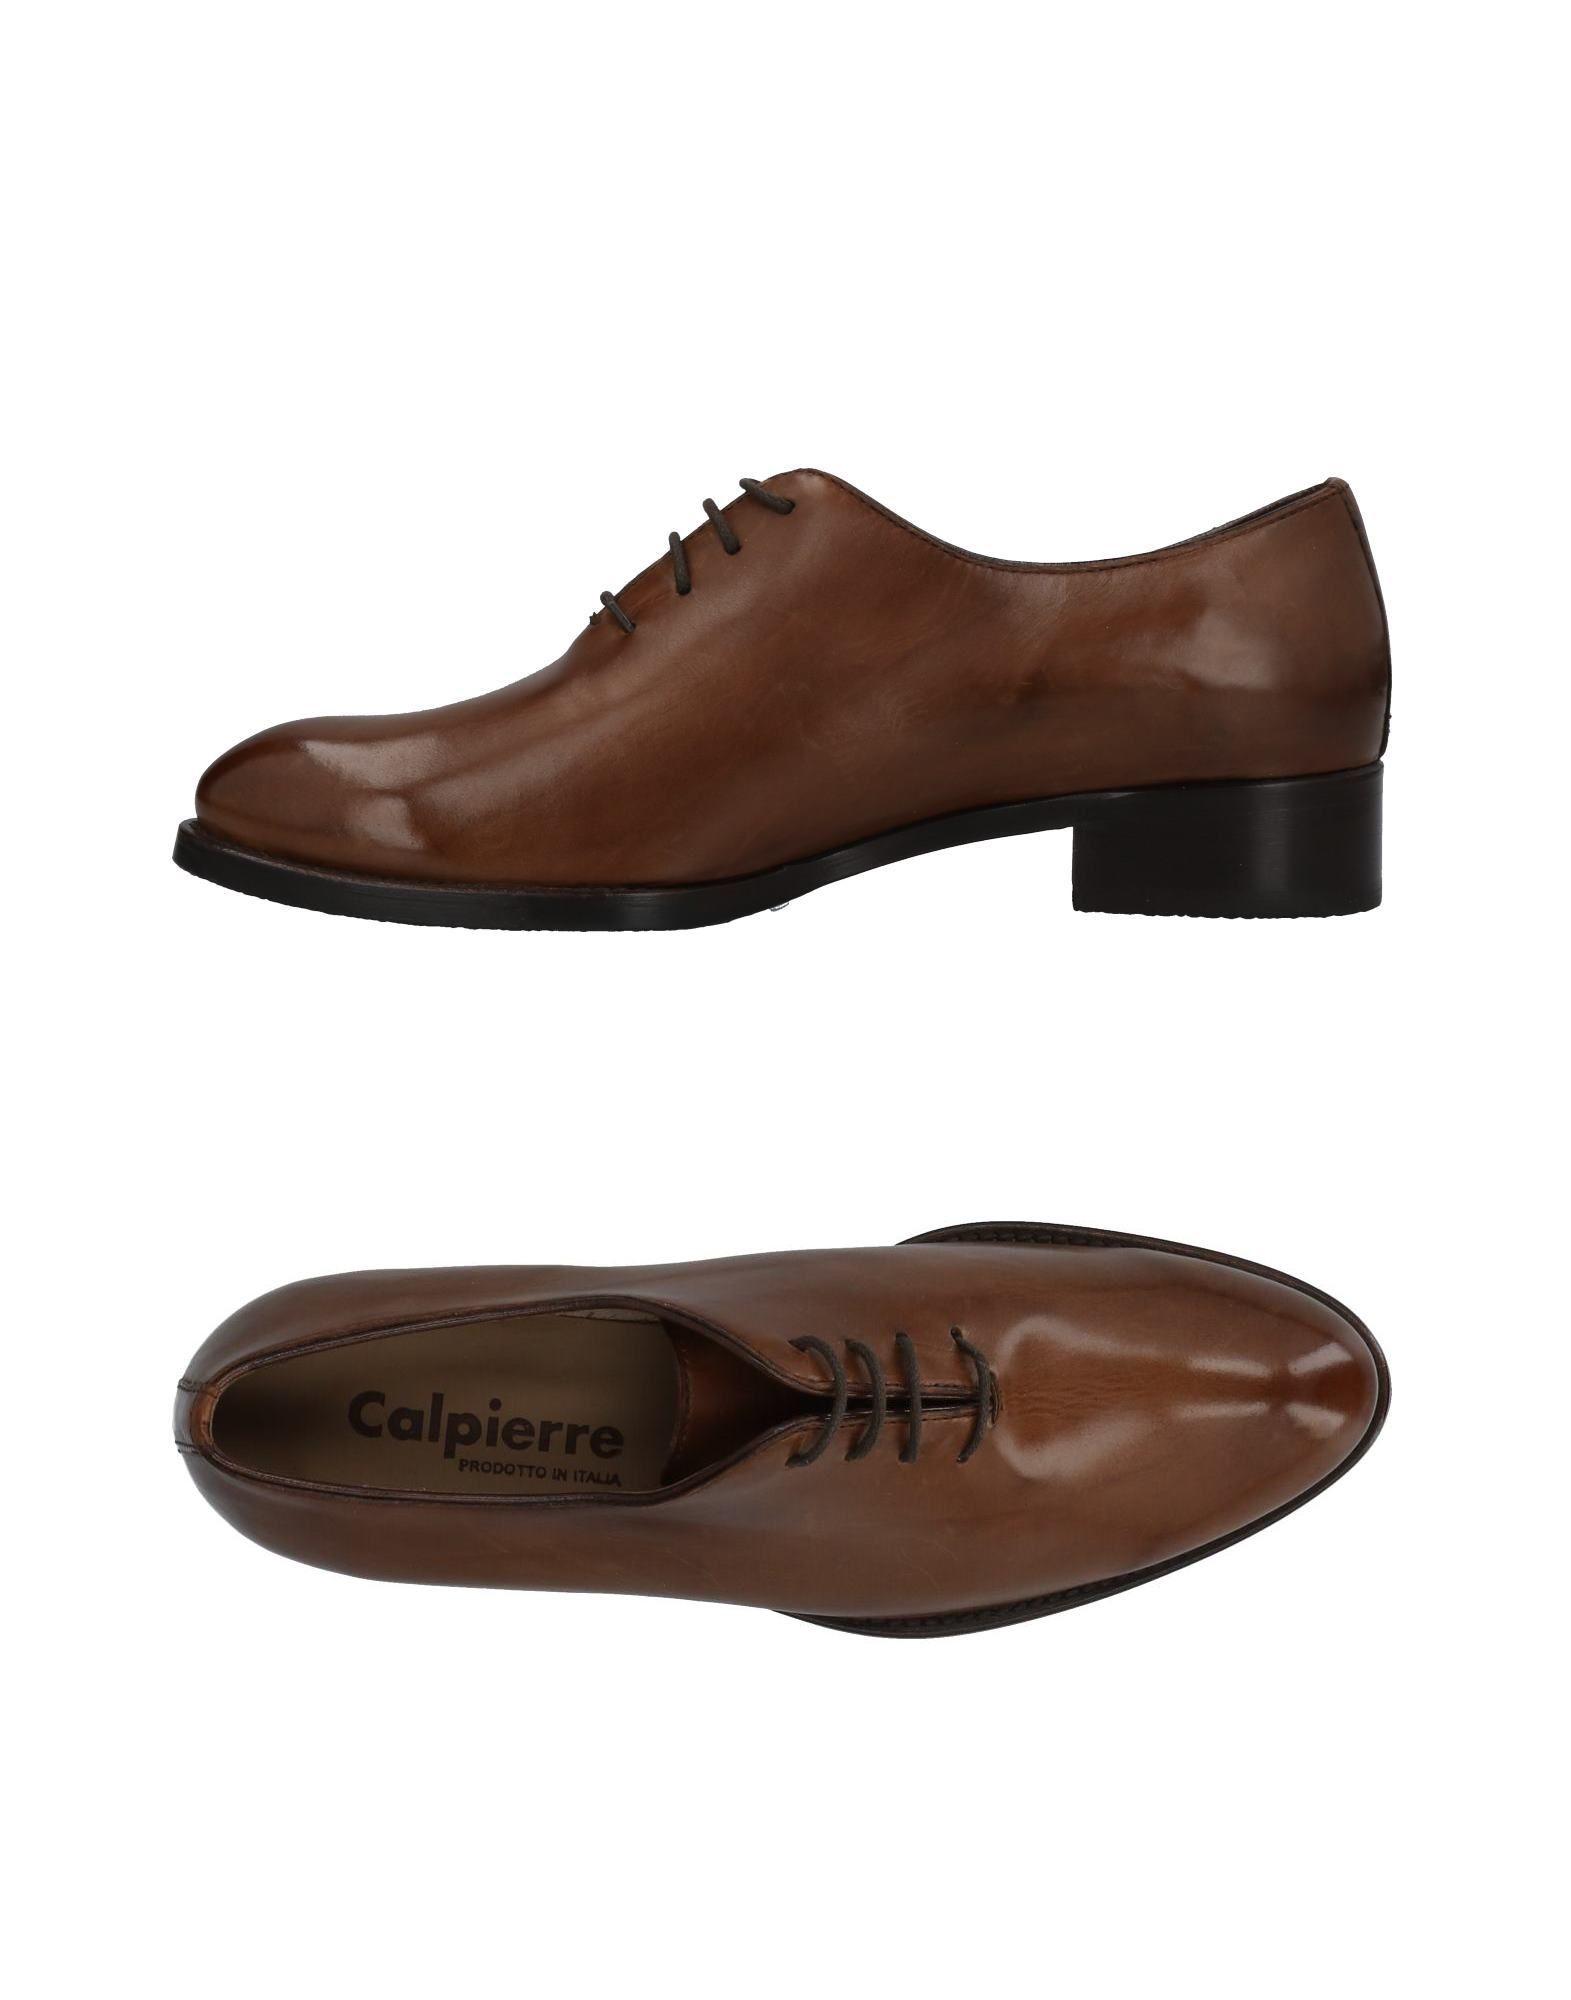 Moda Stringate Calpierre Donna - 11460411CI